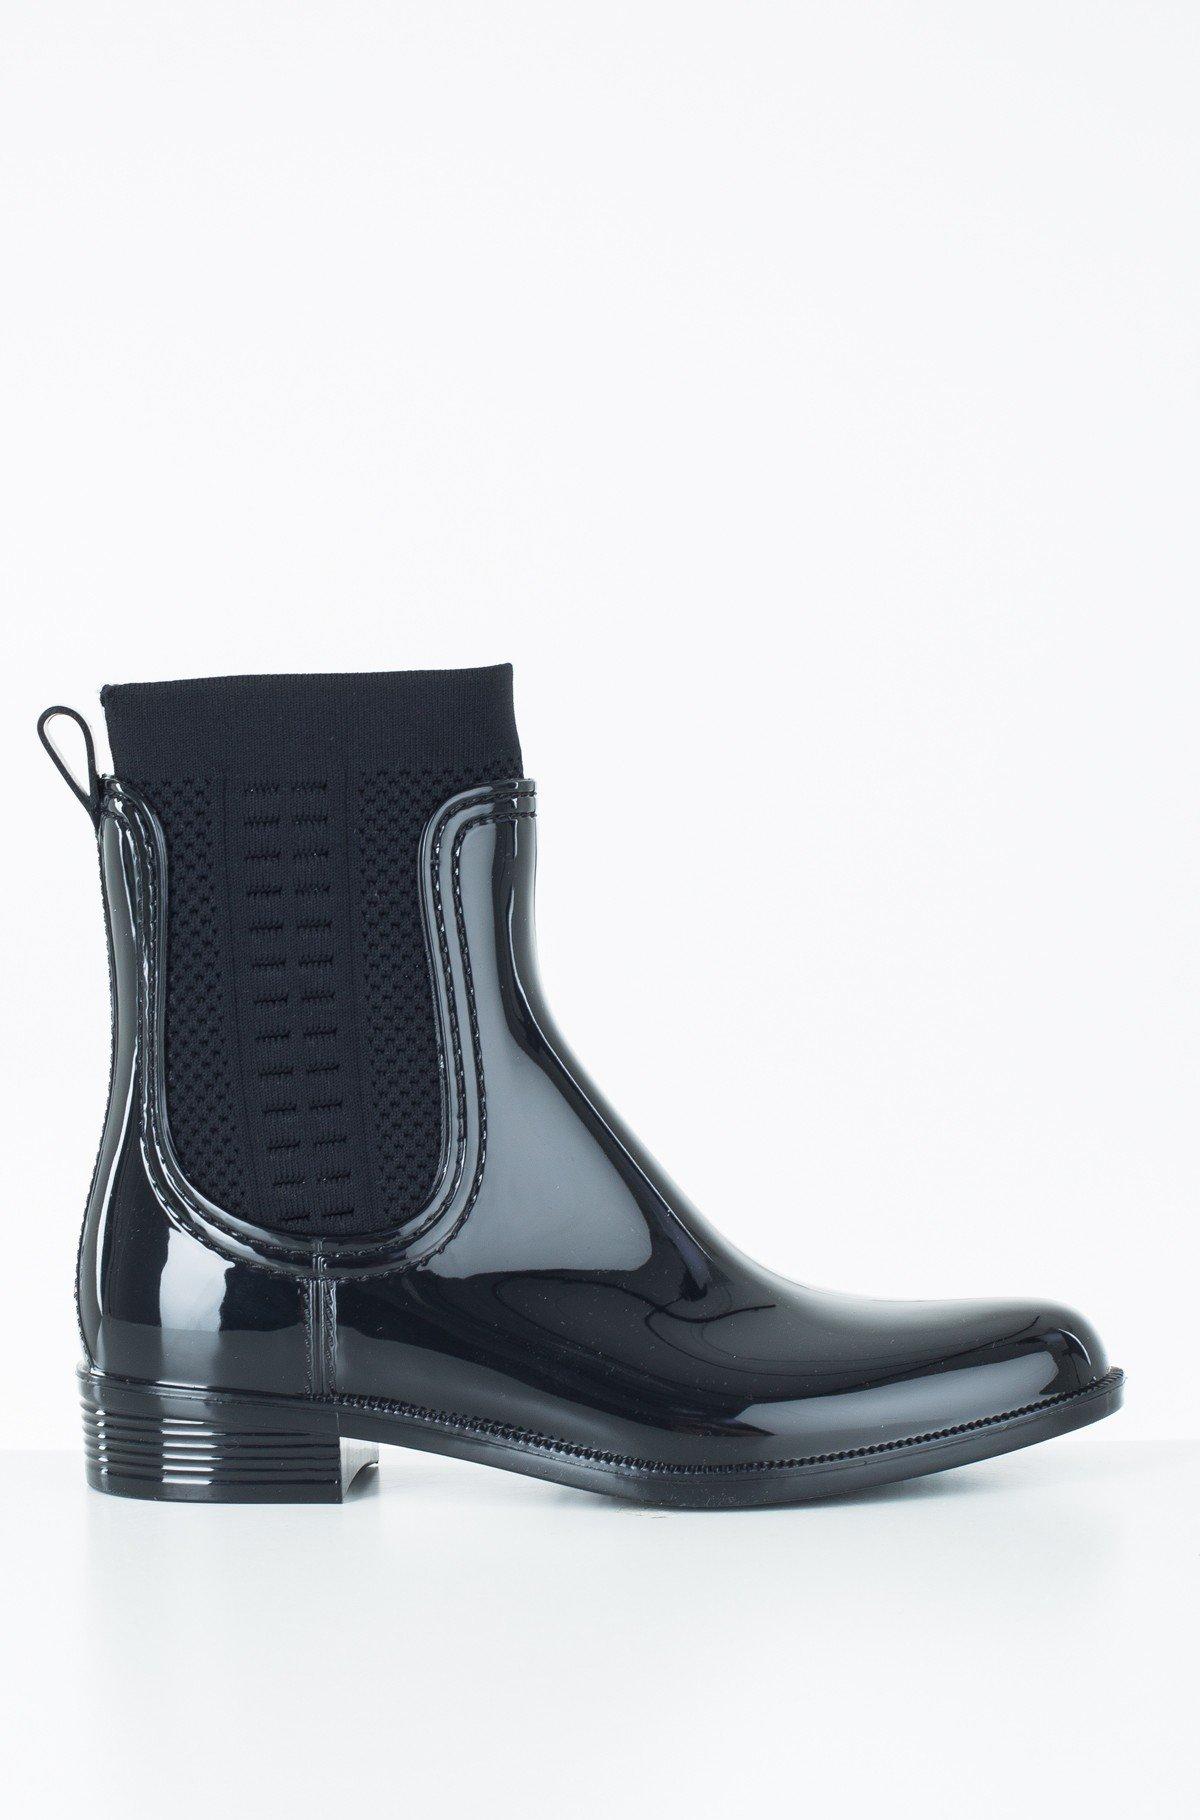 Guminiai batai TOMMY KNIT RAIN BOOT-full-1